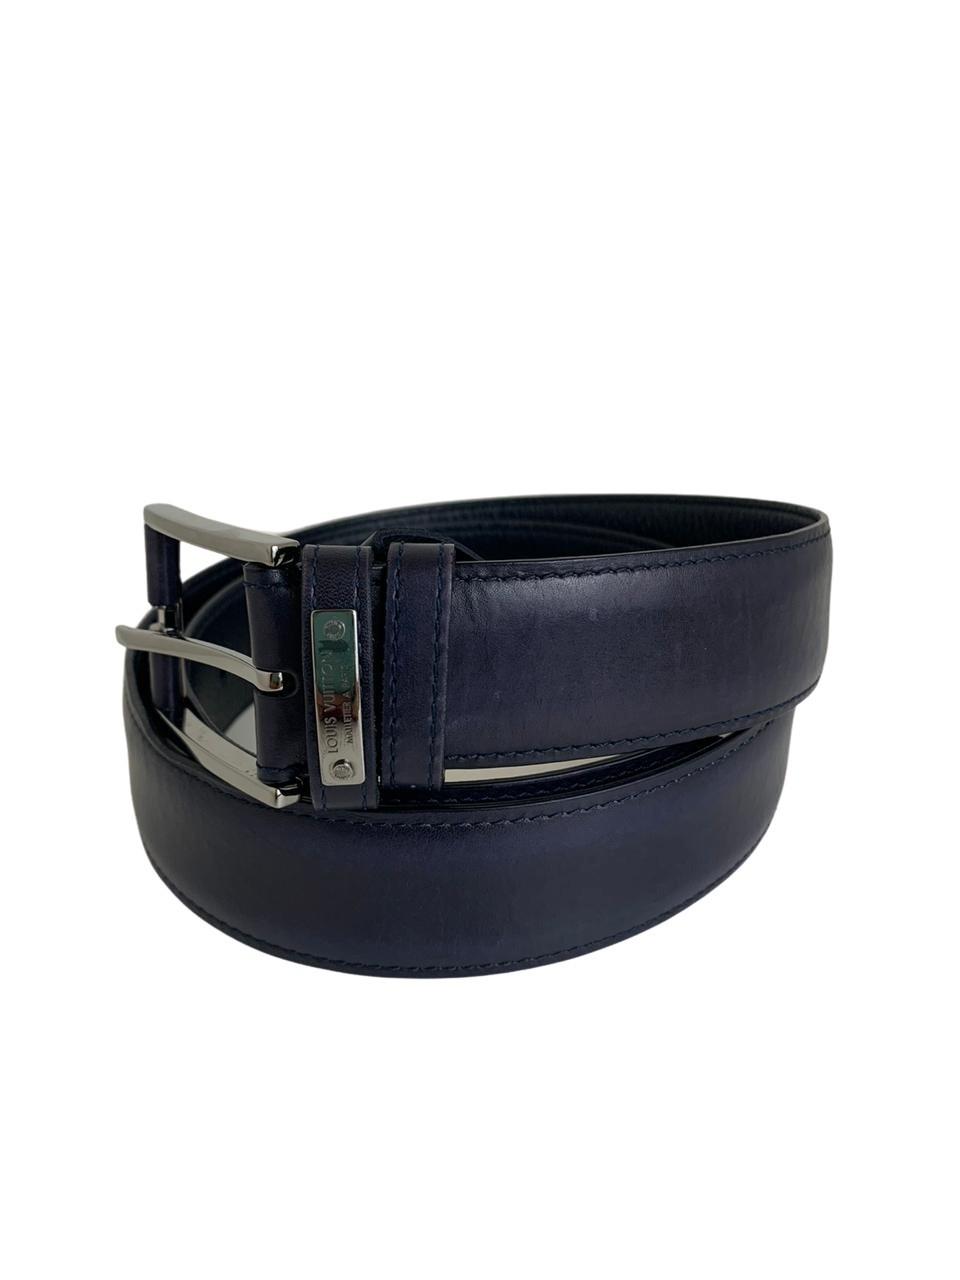 Cinto Louis Vuitton Azul Escuro